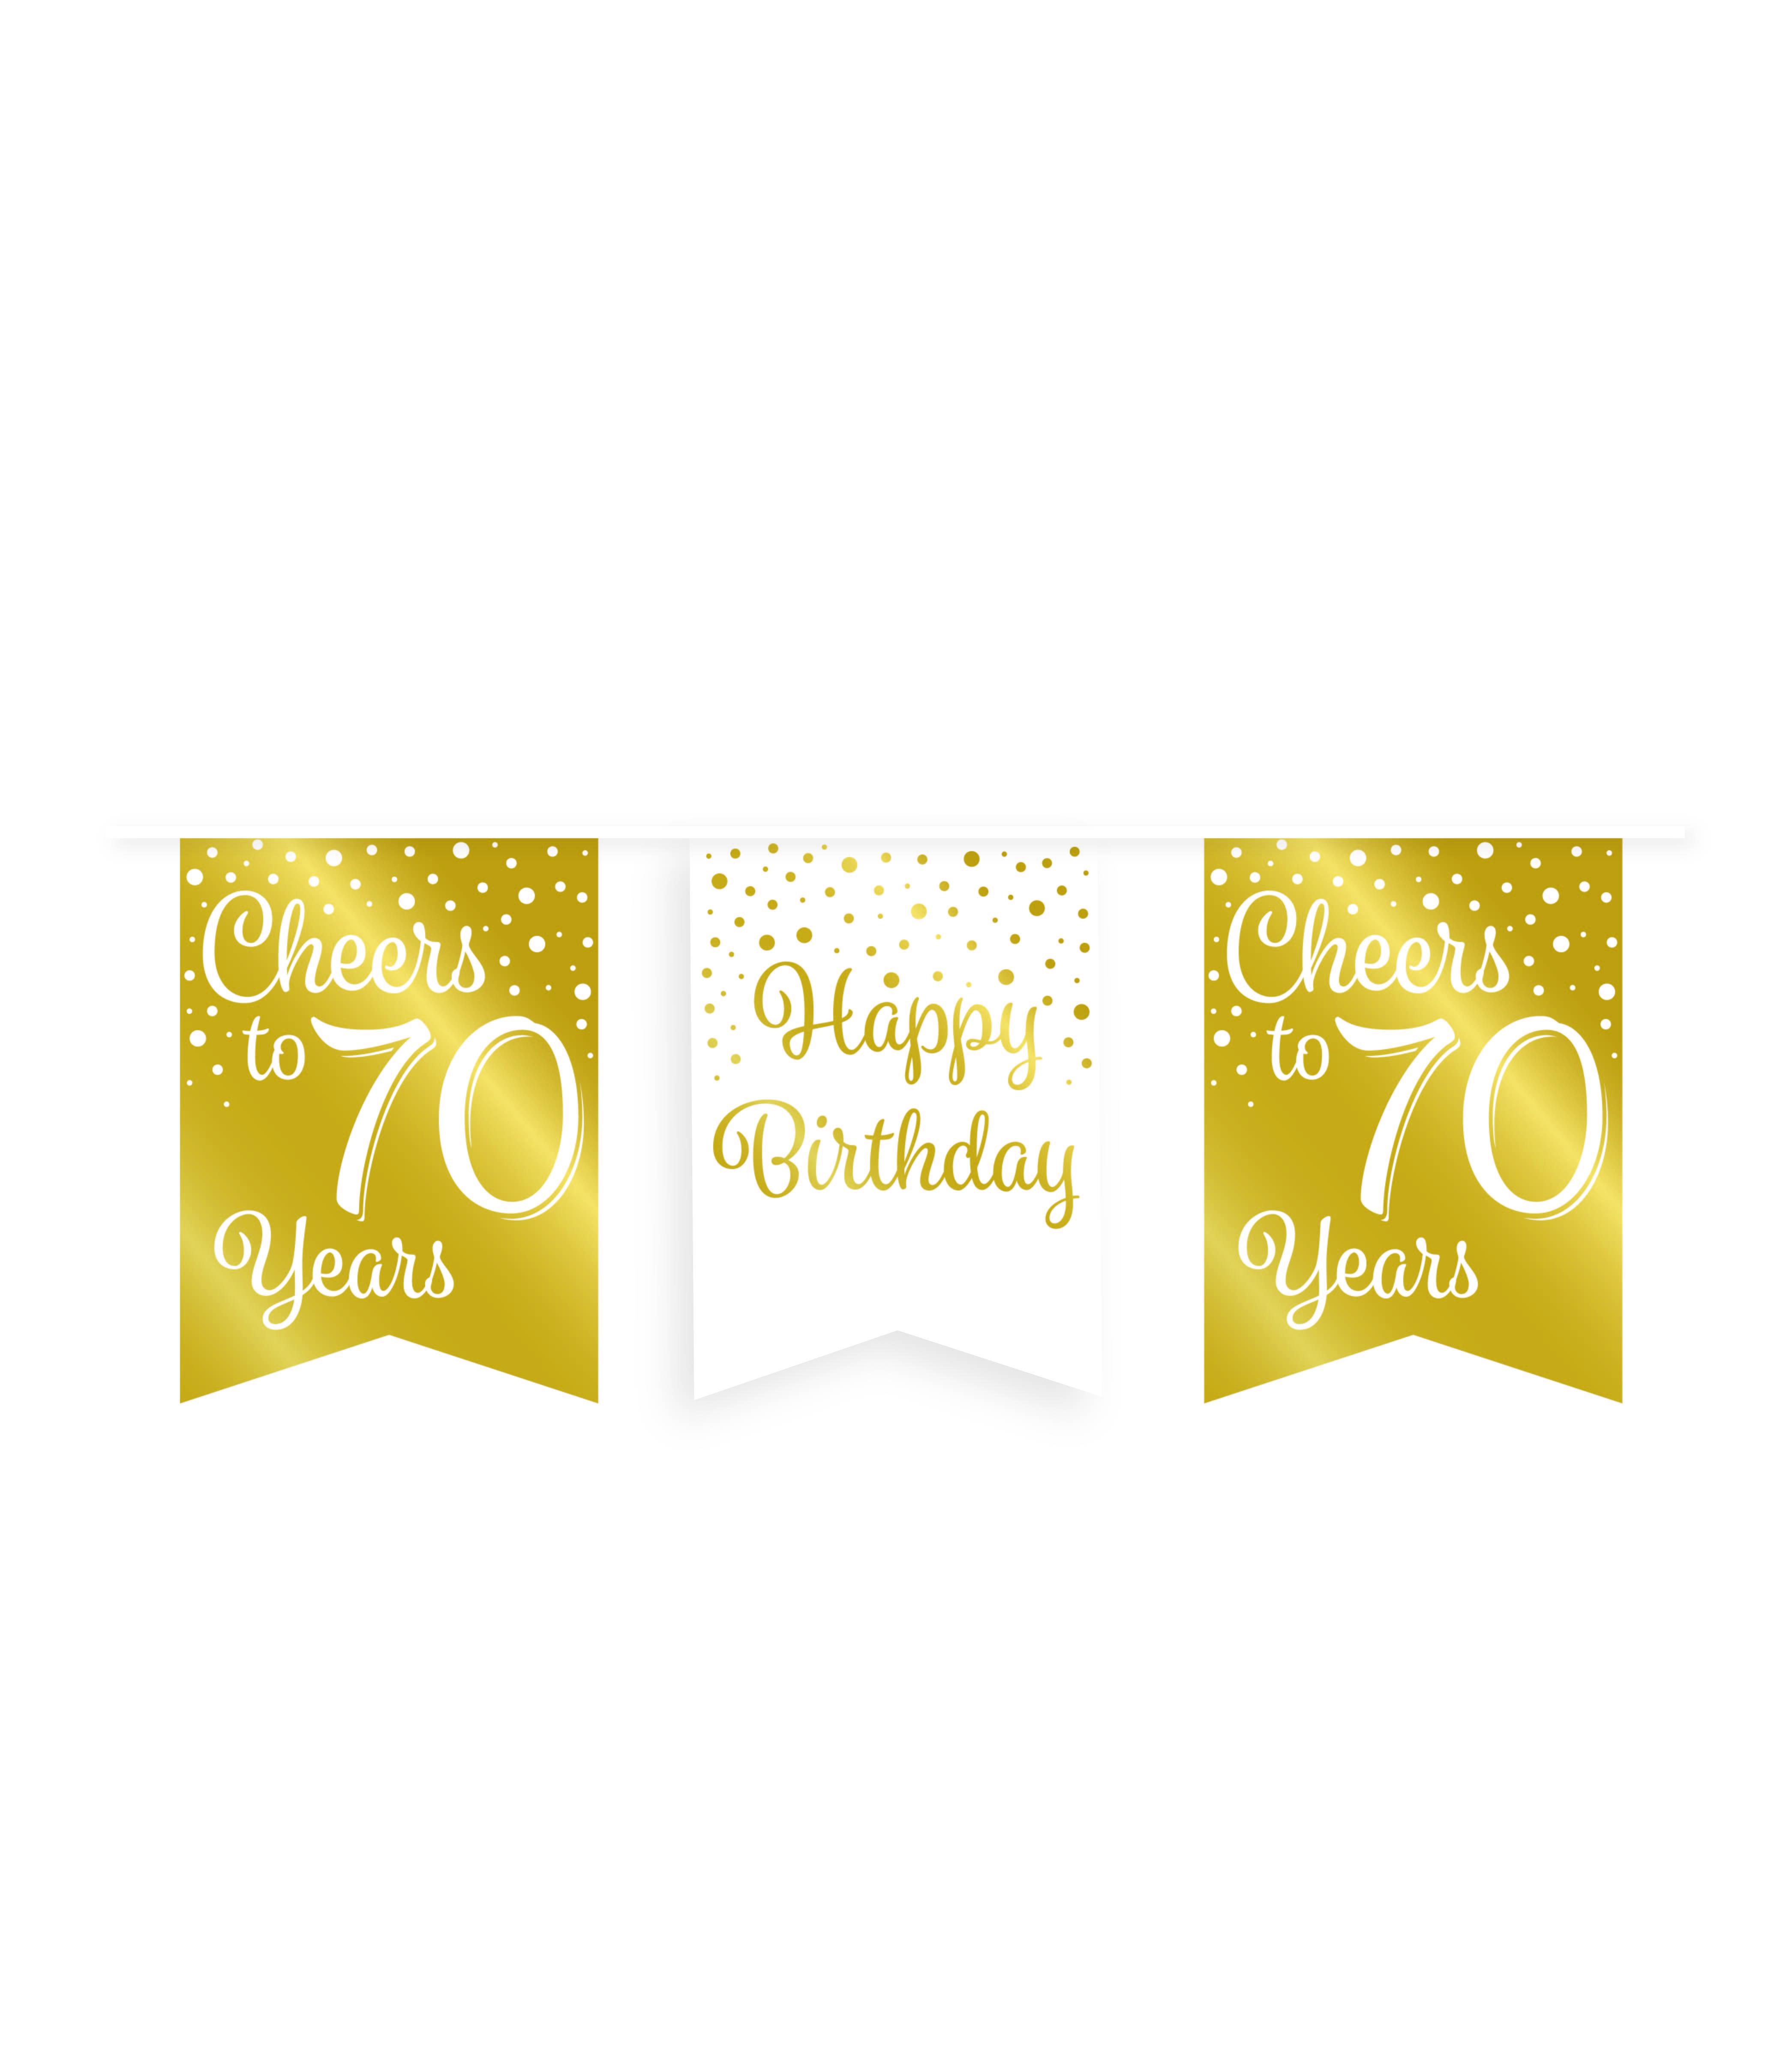 6m Vlaggenlijn Goud/Wit Cheers to 70 Years